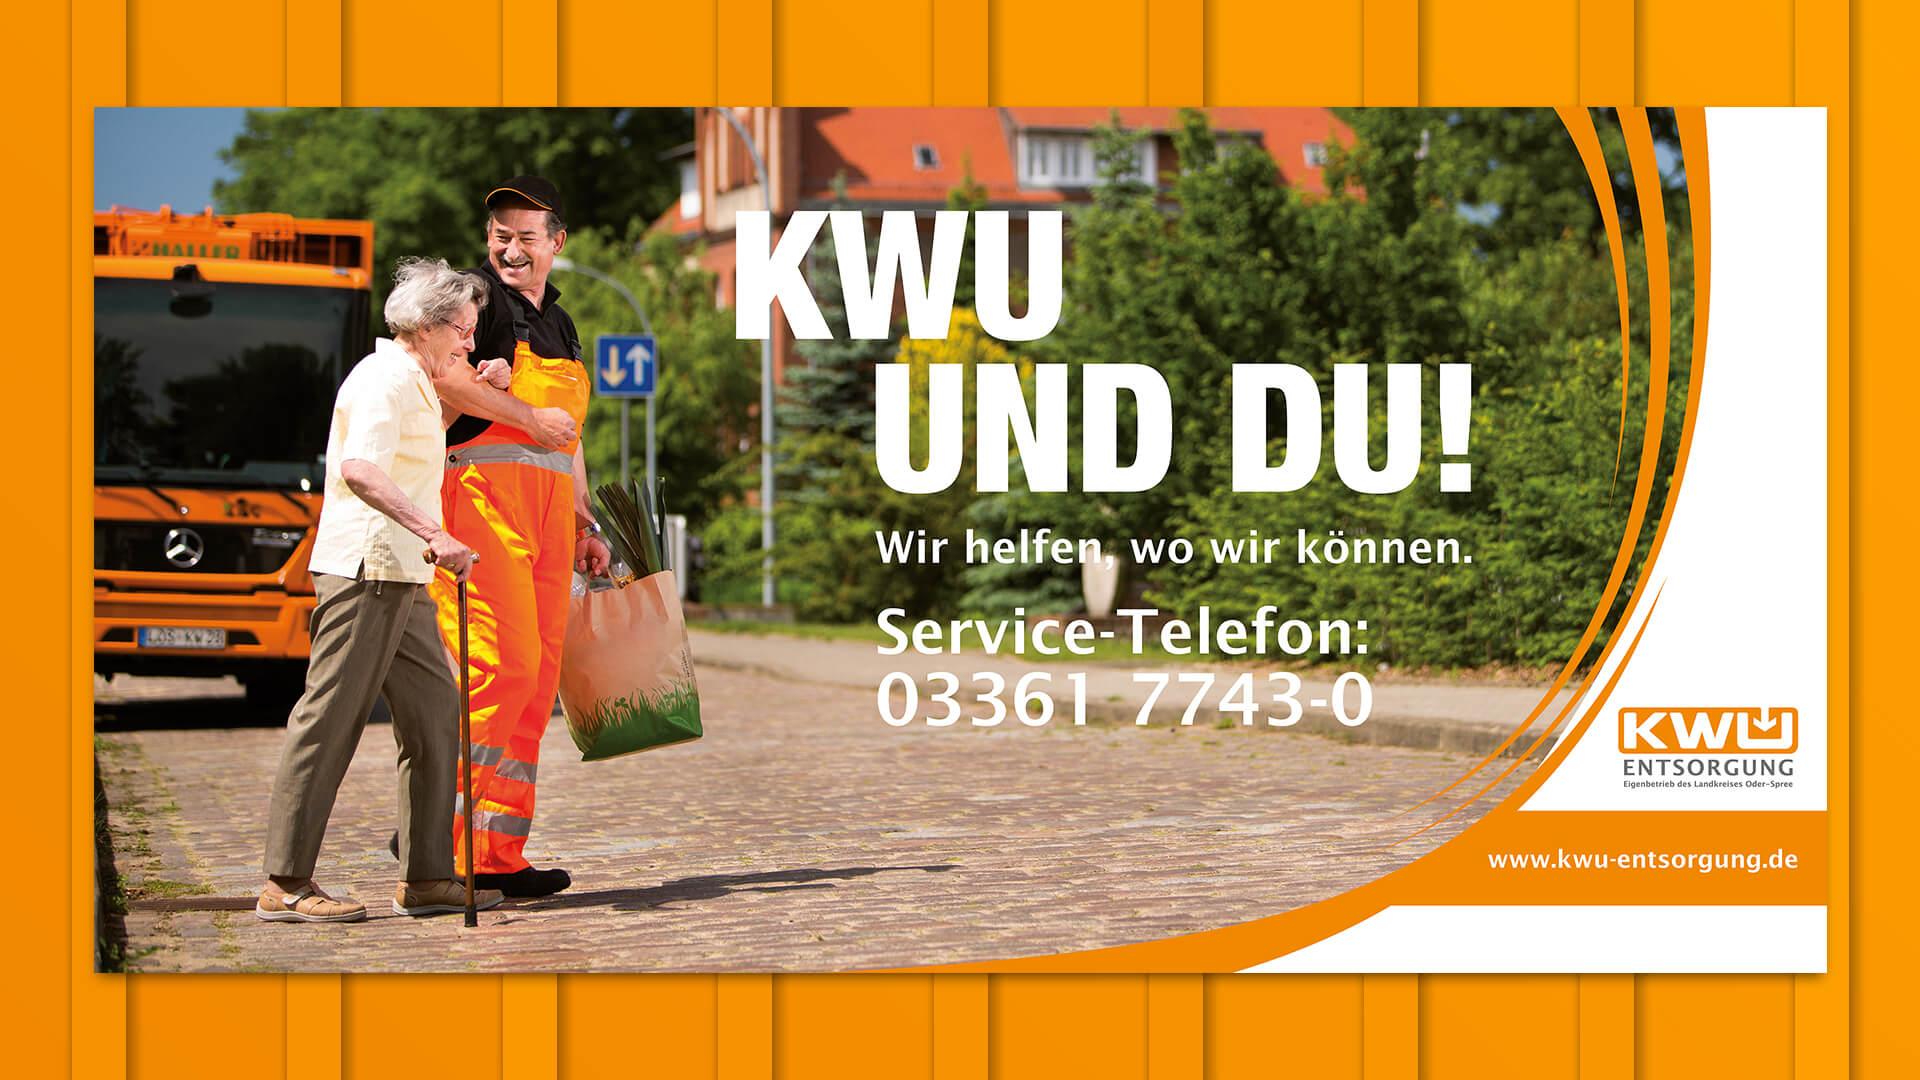 marketing agentur berlin kommunikationsdesign contenterstellung newsletter marketing werbeagentur berlin kwu und du entsorgung